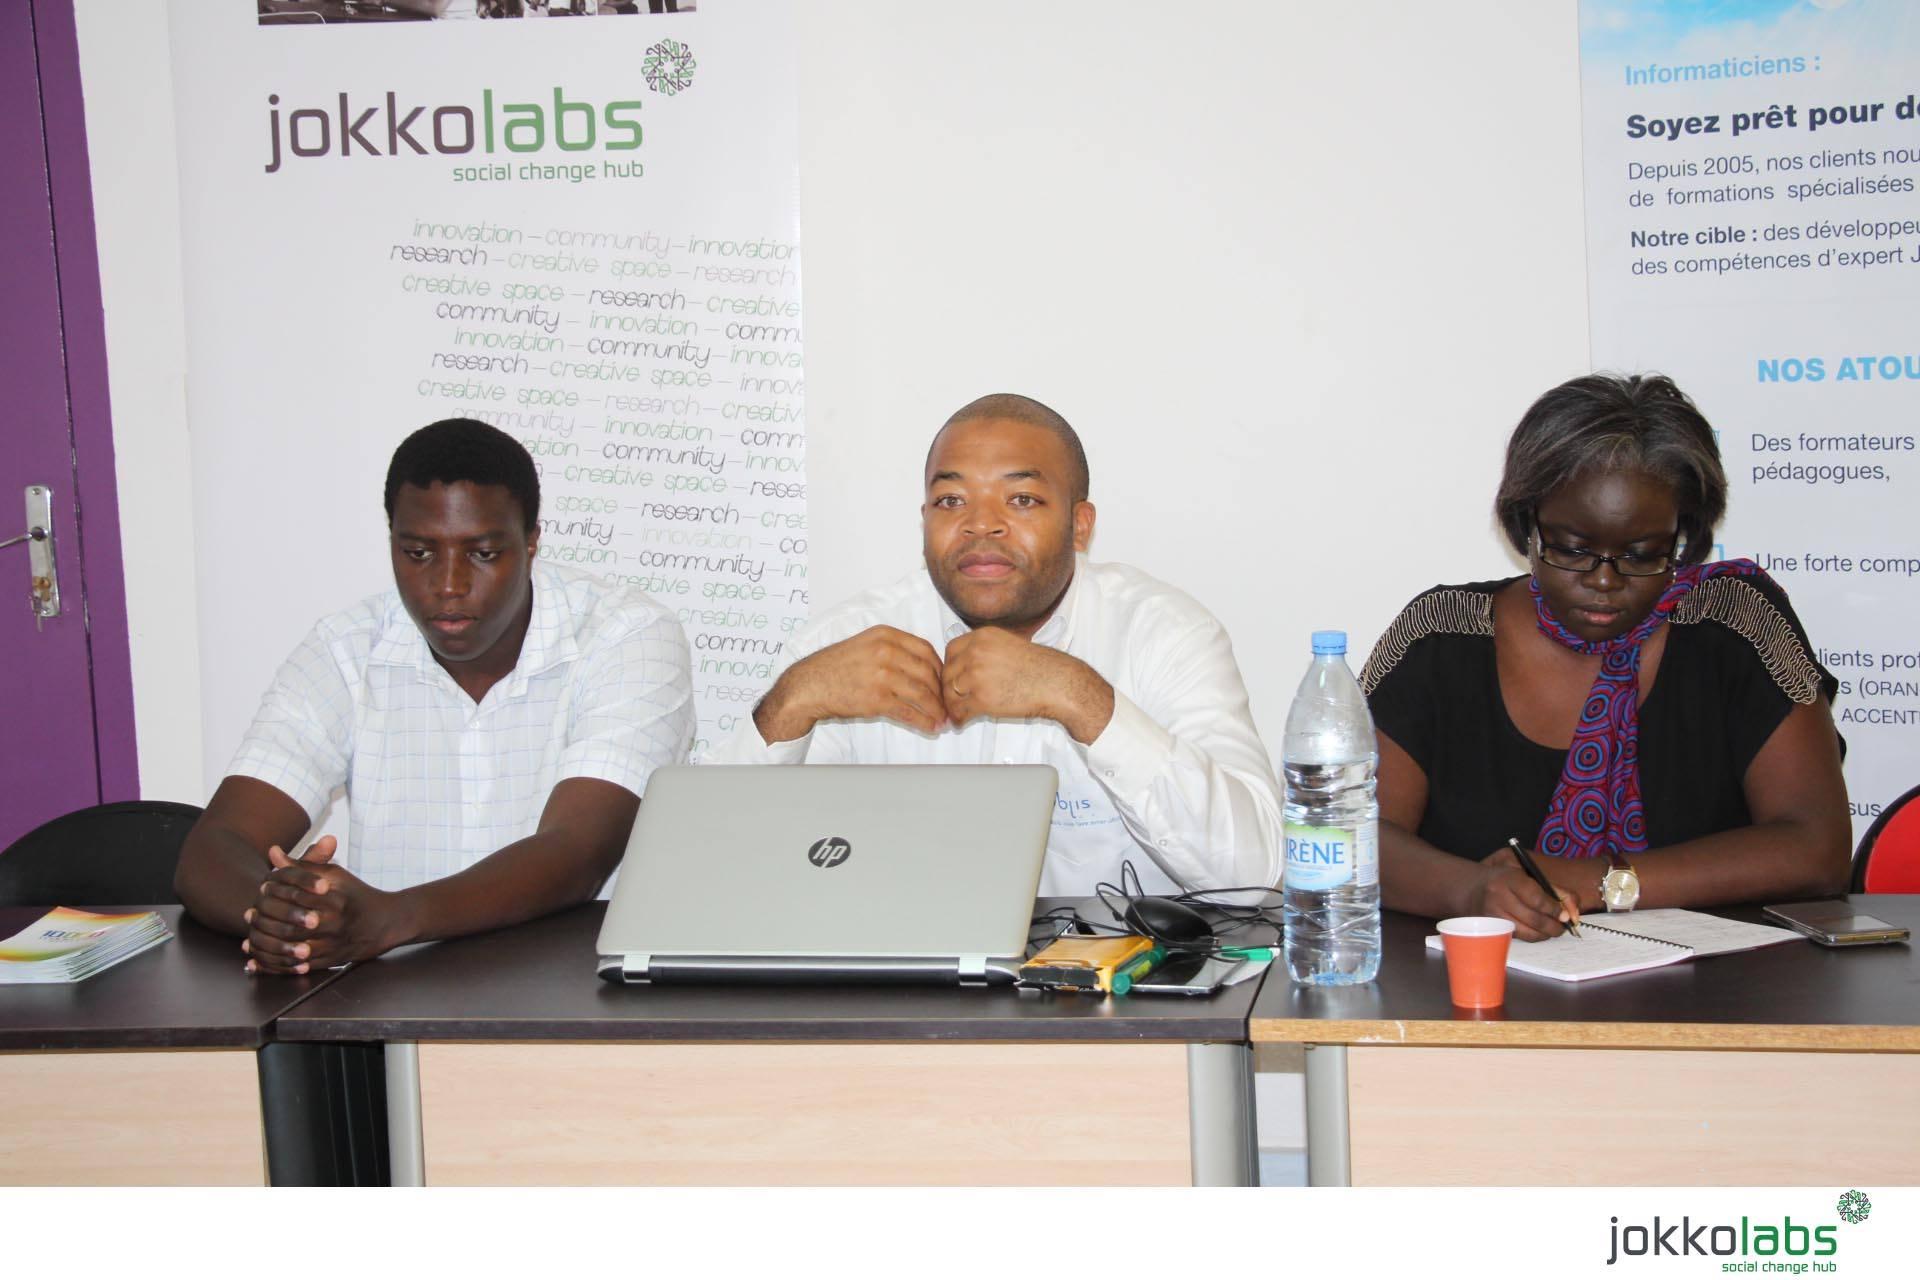 1.500 codeurs pour le Sénégal d'ici 2025